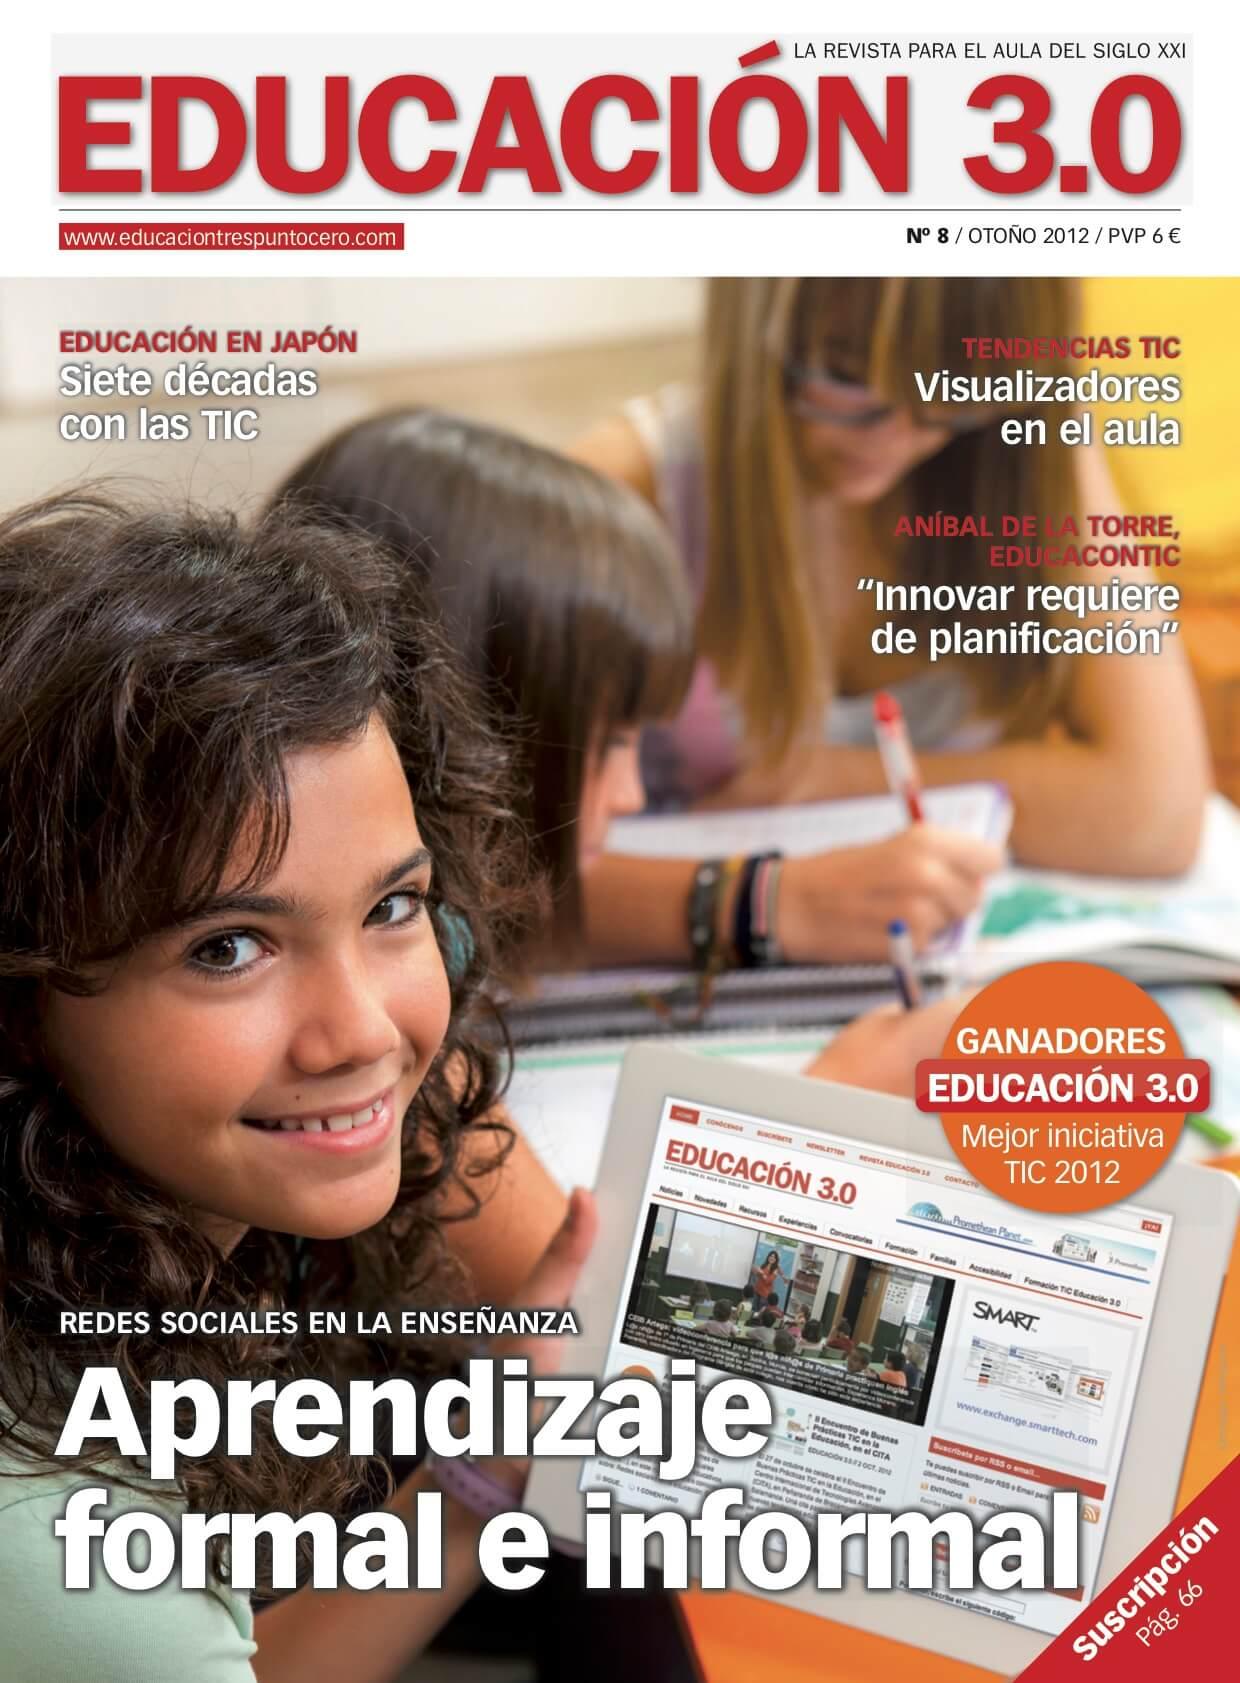 Número 8 de la revista Educación 3.0